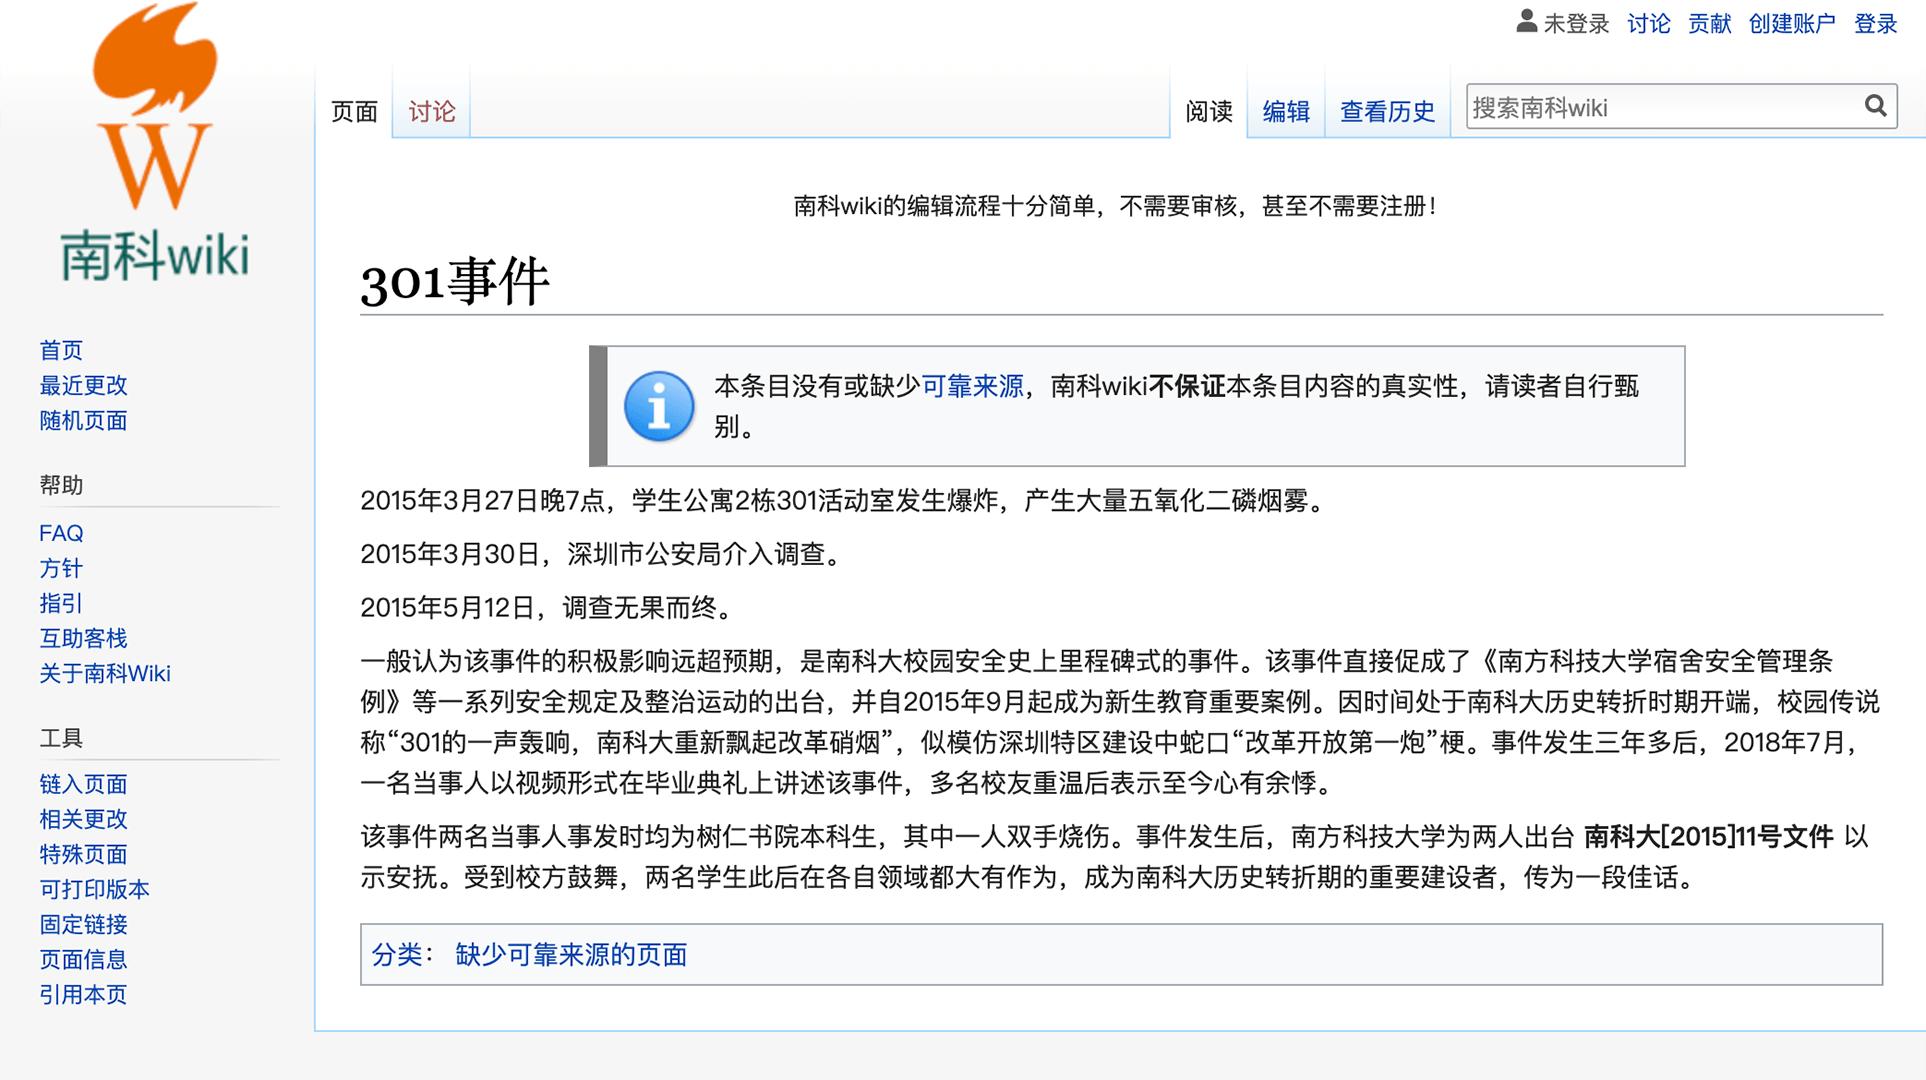 「301事件」条目/南科Wiki